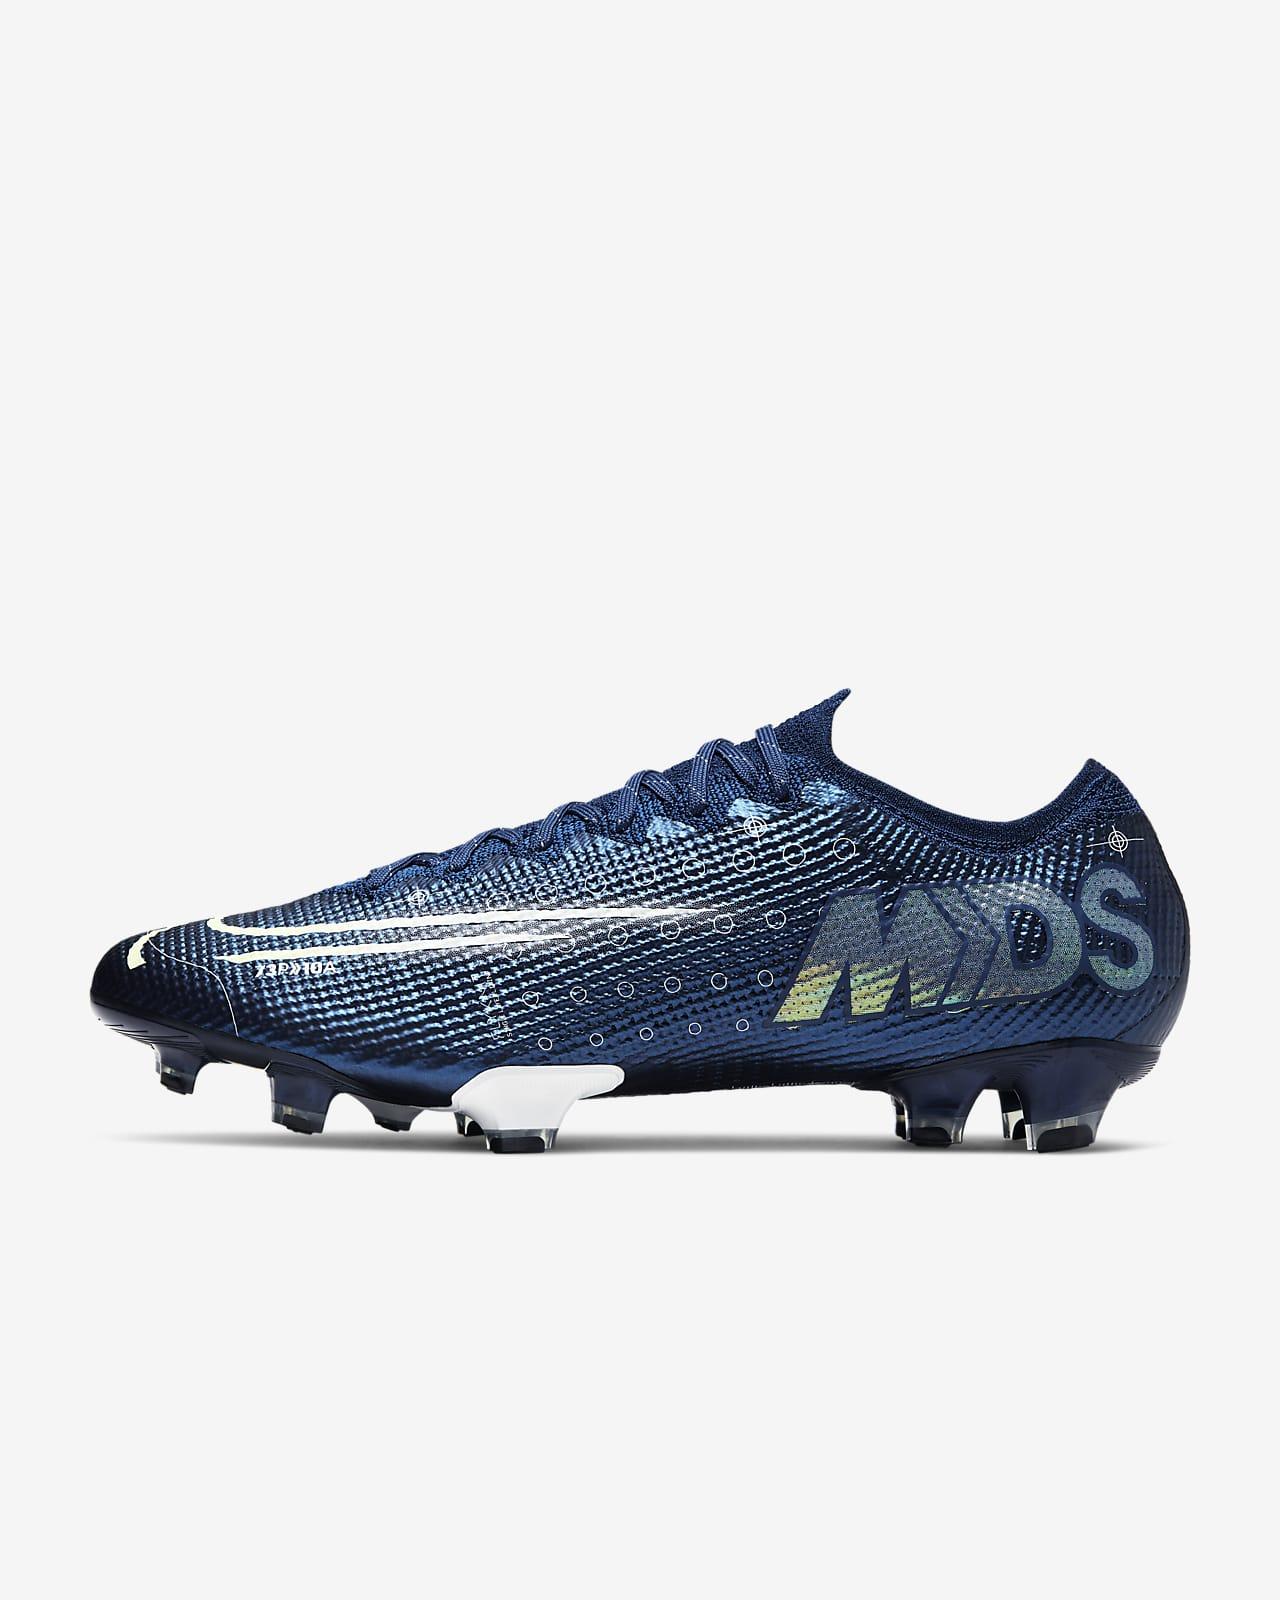 Nike Mercurial Vapor 13 Elite MDS FG fotballsko til gress